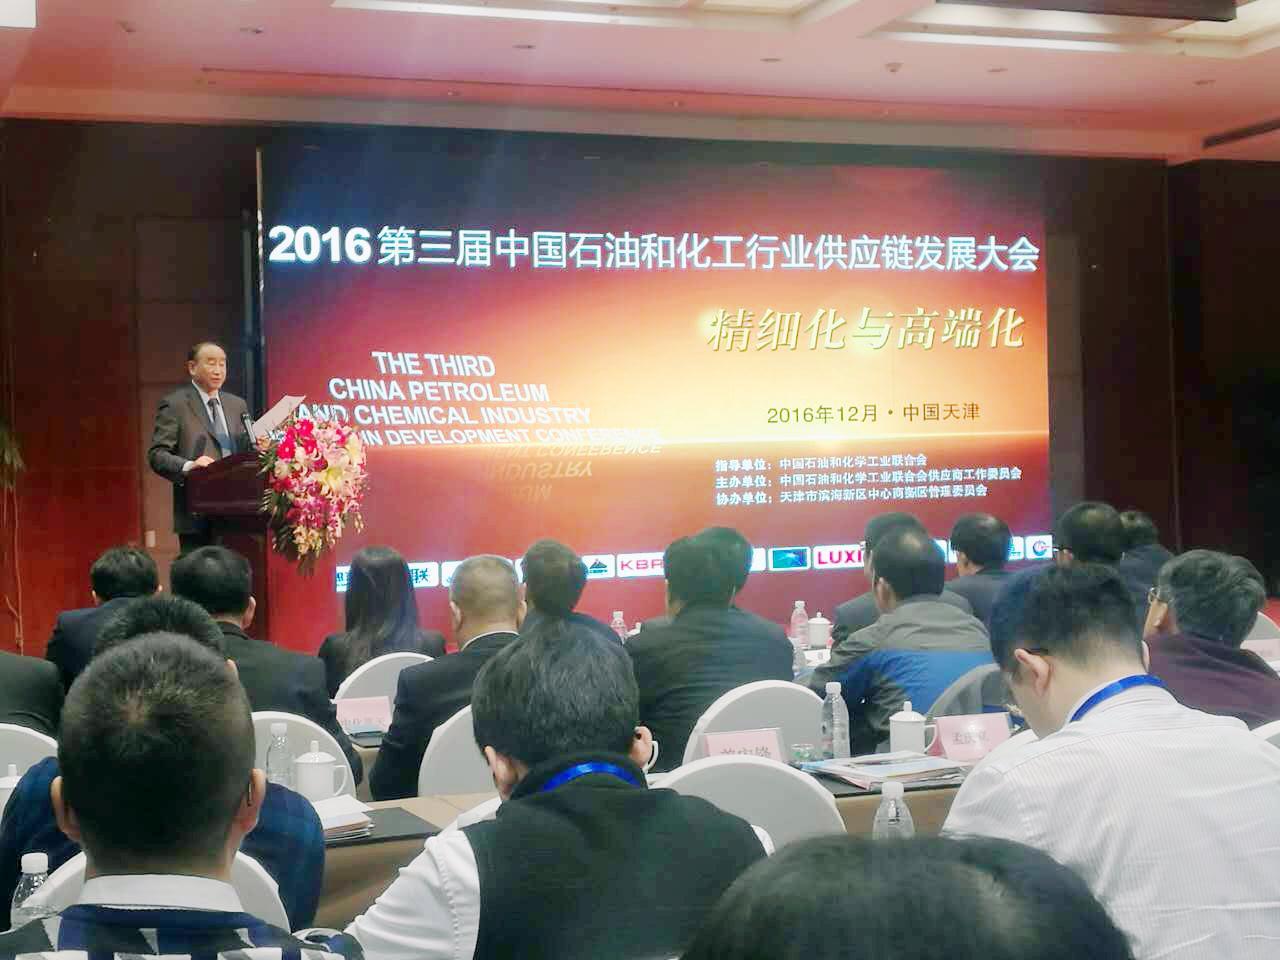 Zber平台应邀参加第三届中国石油和化工行业供应链发展大会